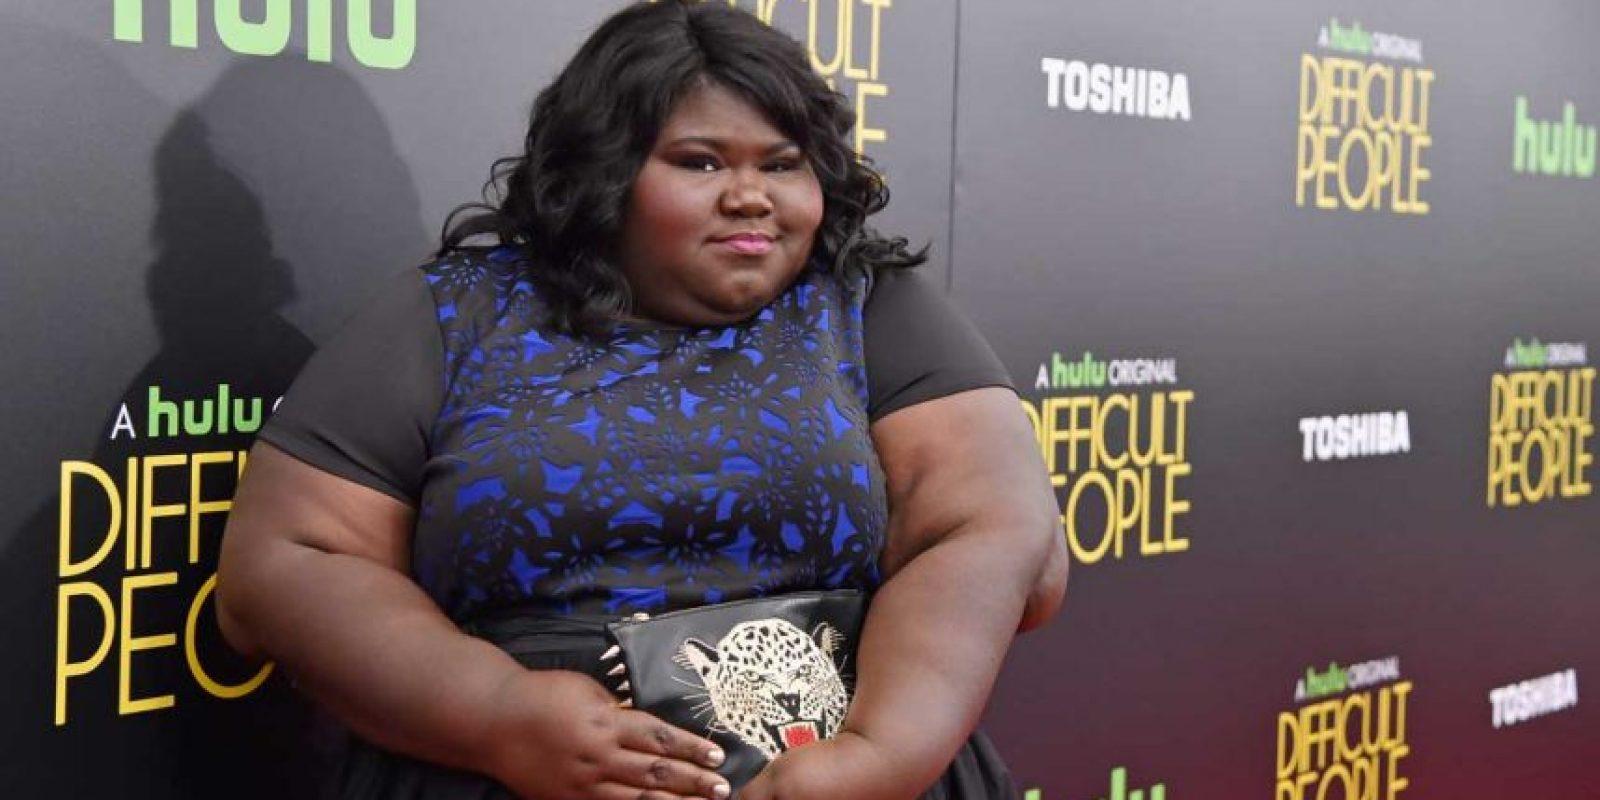 La actriz Gabourey Sidibe no ha perdido peso, al menos ella no lo ha confirmado Foto:Getty Images